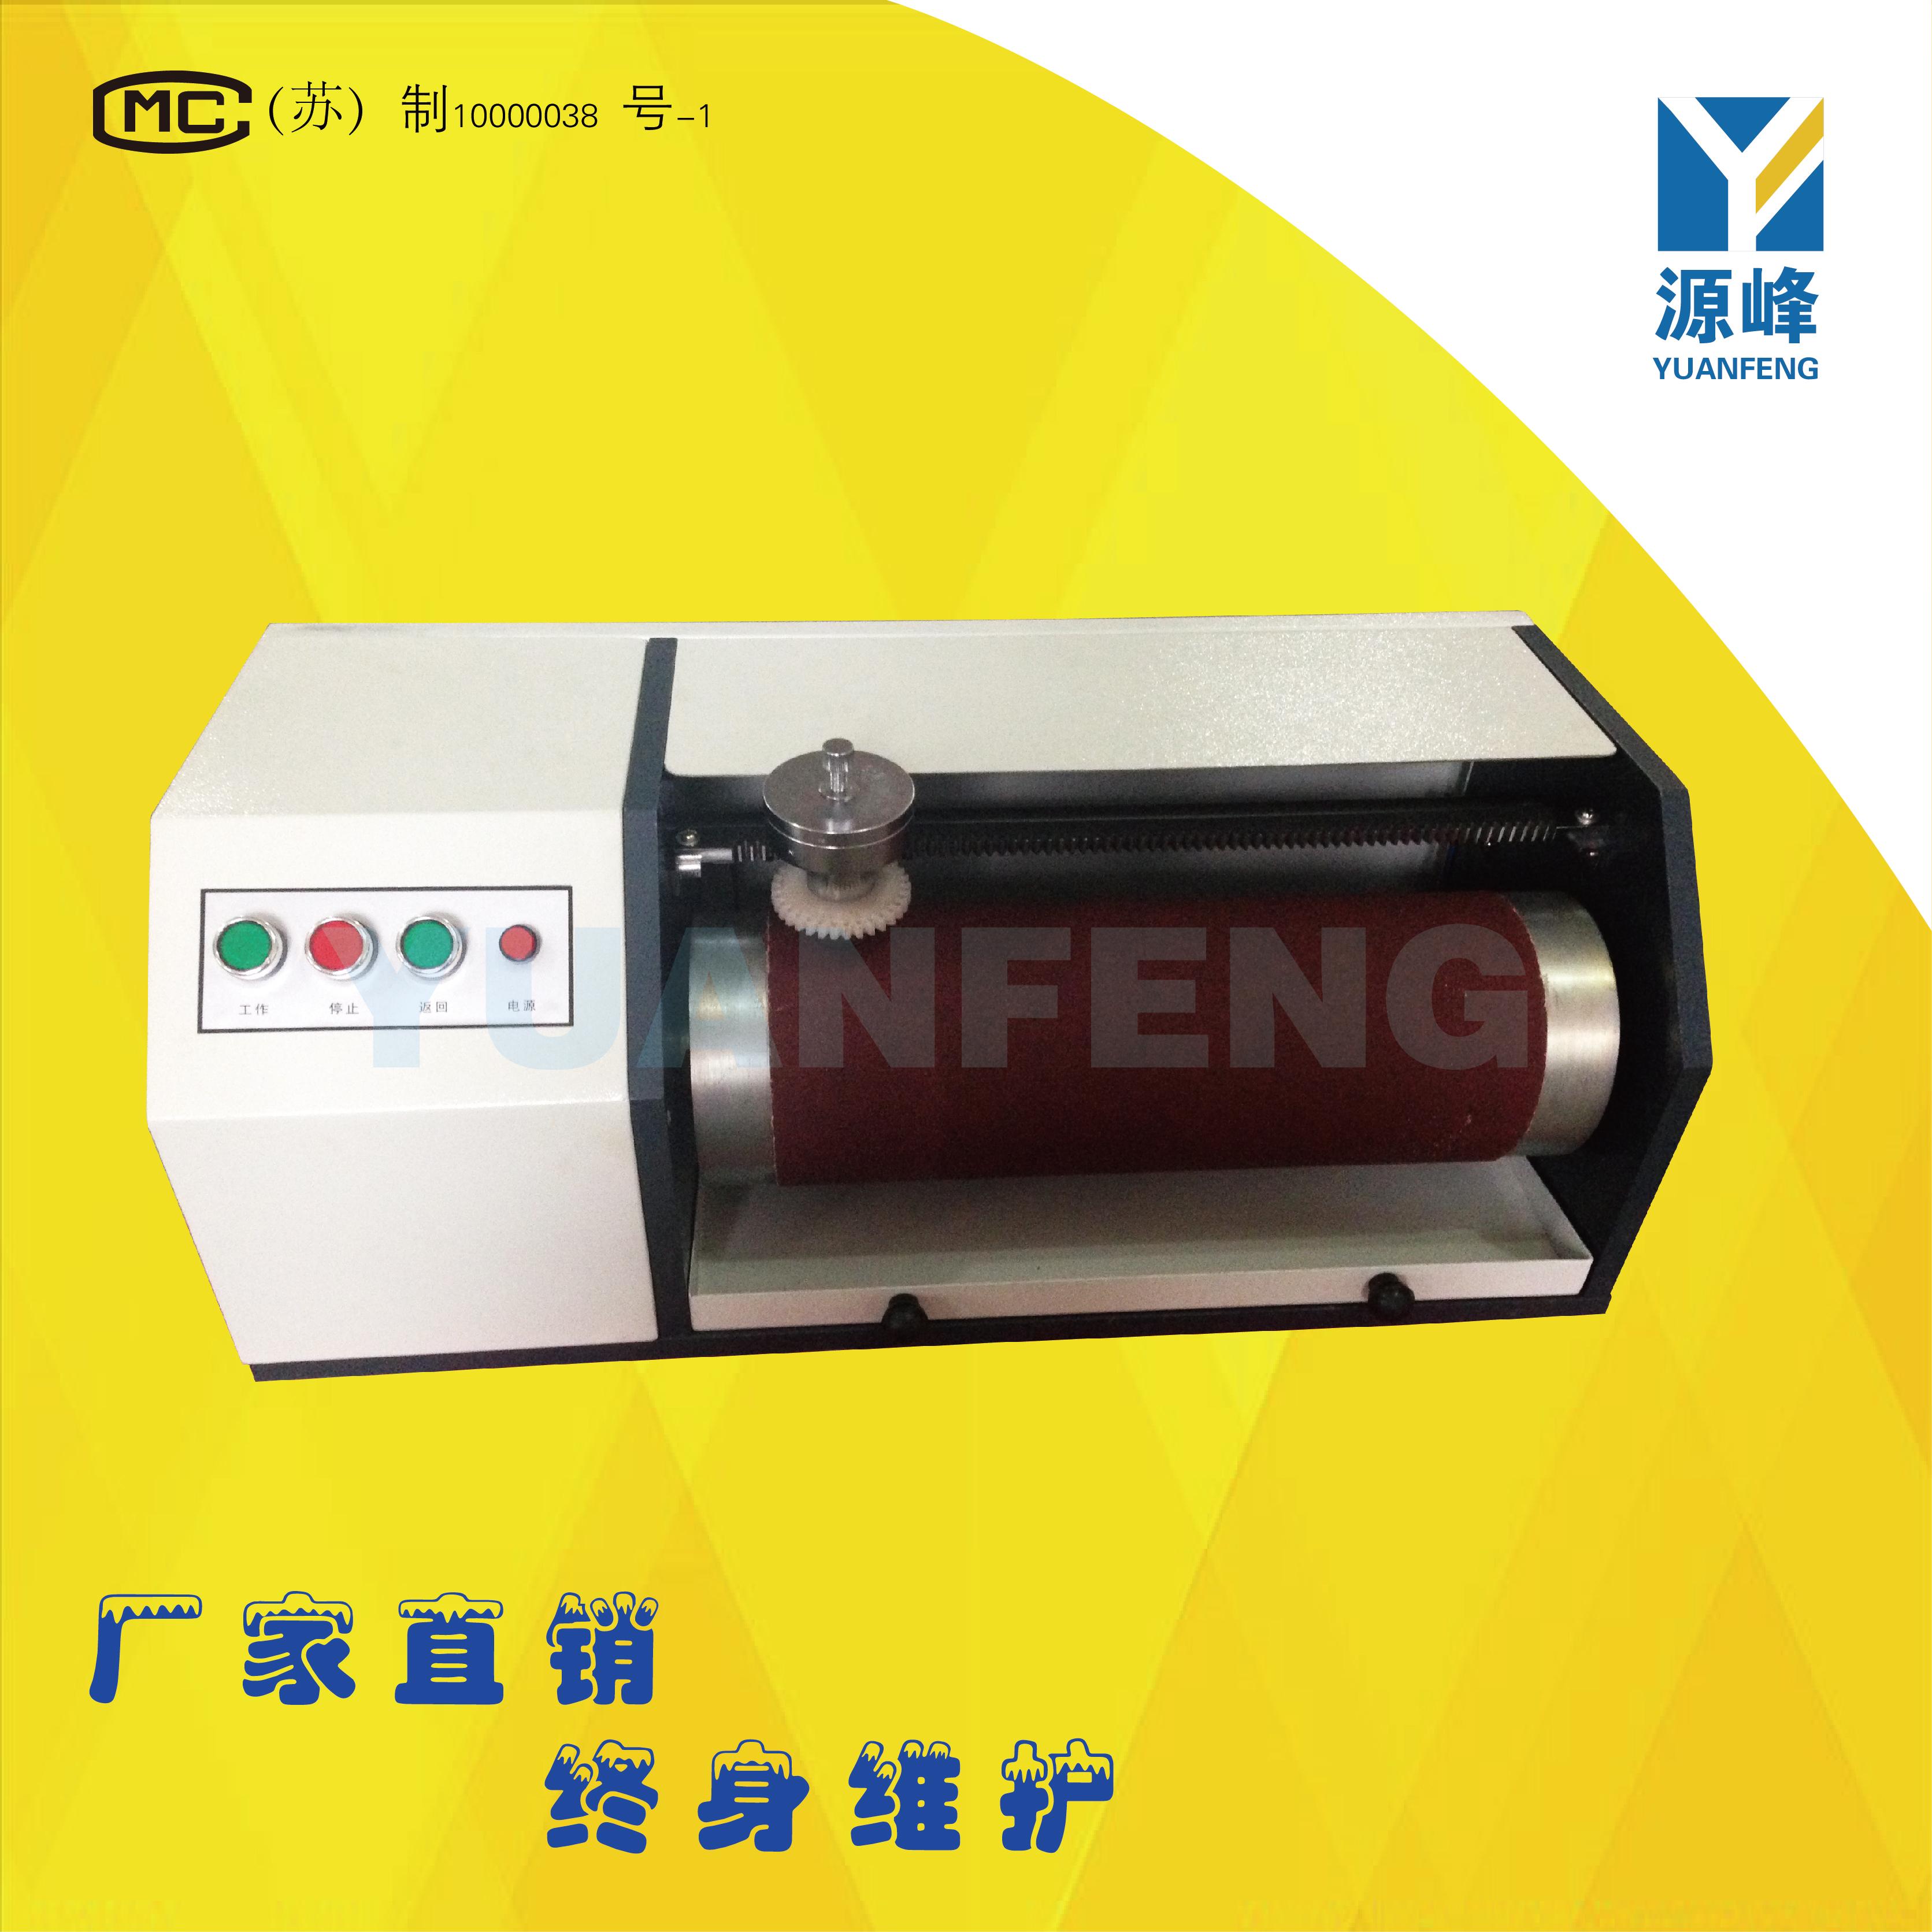 滚筒磨耗机橡胶磨耗试验机滚筒式磨耗机耐磨试验机输送带磨耗机